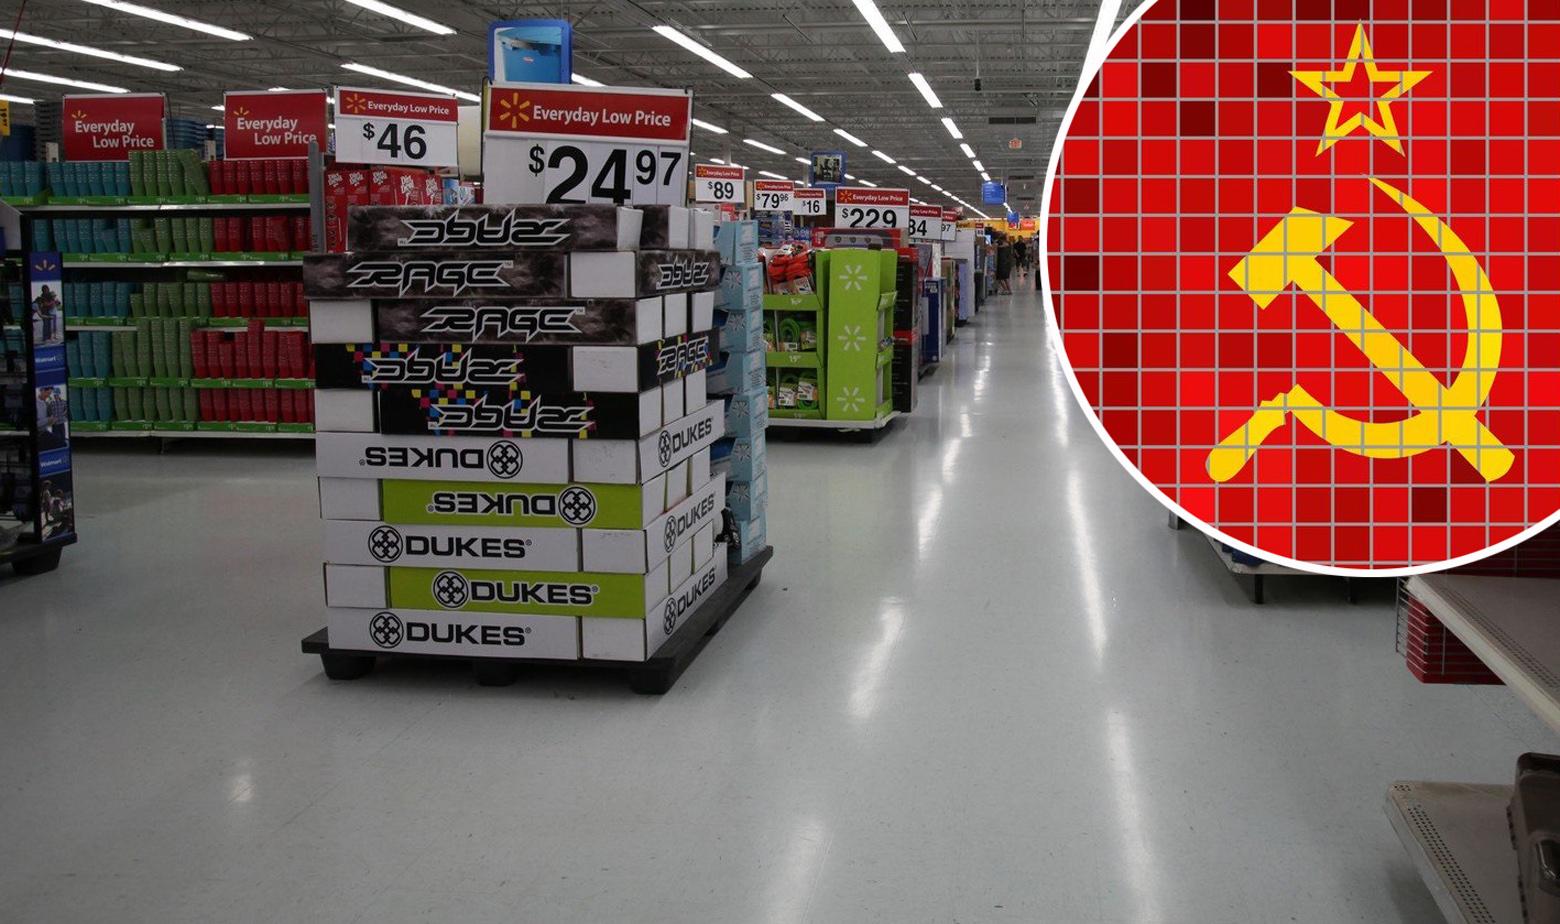 Trgovina Walmarta i simbol sa zastave bivšeg SSSR-a u krugu